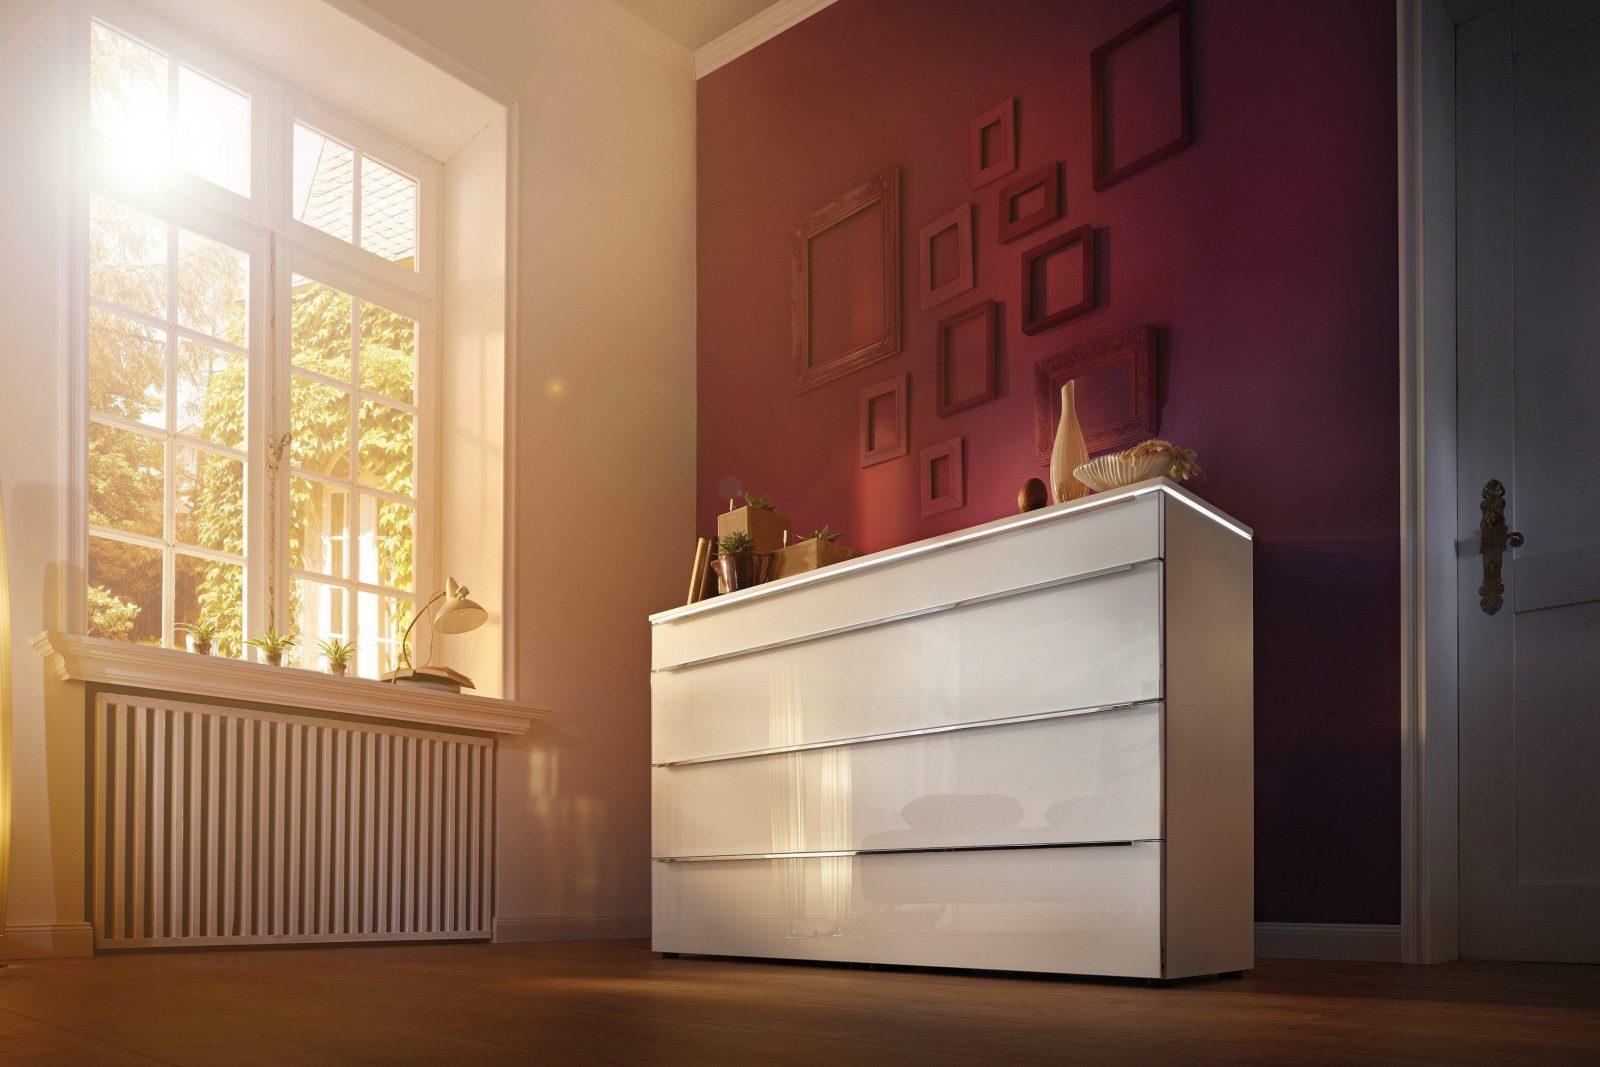 Nolte Alegro Style Kommode Weiß  Möbel Letz  Ihr Onlineshop von Nolte Kommode Alegro Style Photo